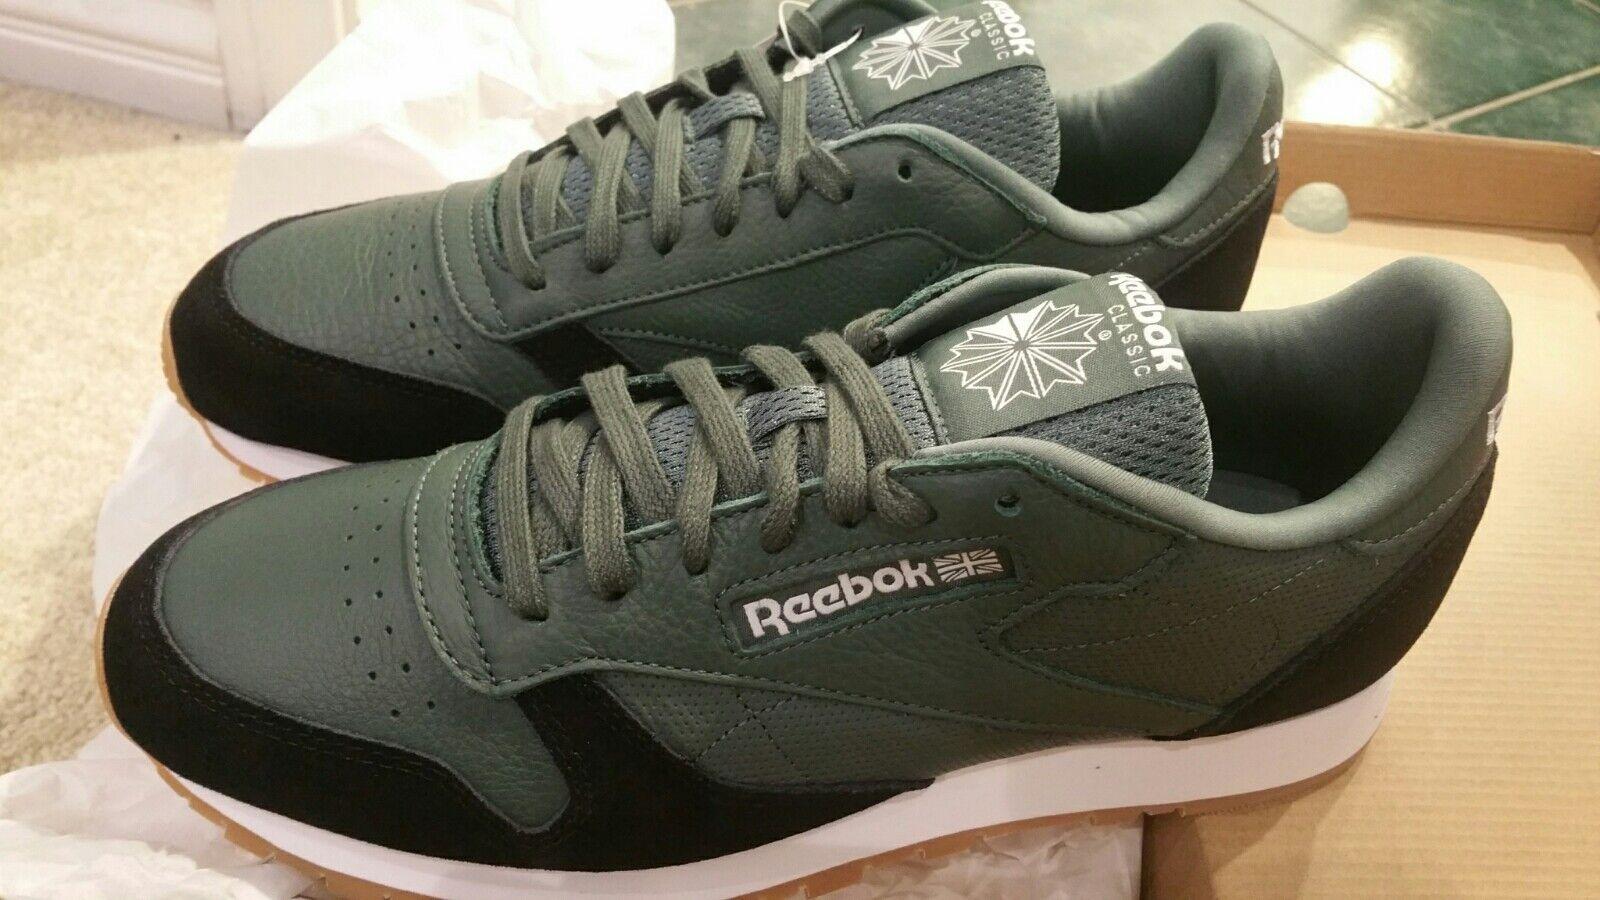 REEBOK Clásico Cuero Ondulación GI Para hombres Zapatos para Correr Zapatillas cómodos estilo de vida 10